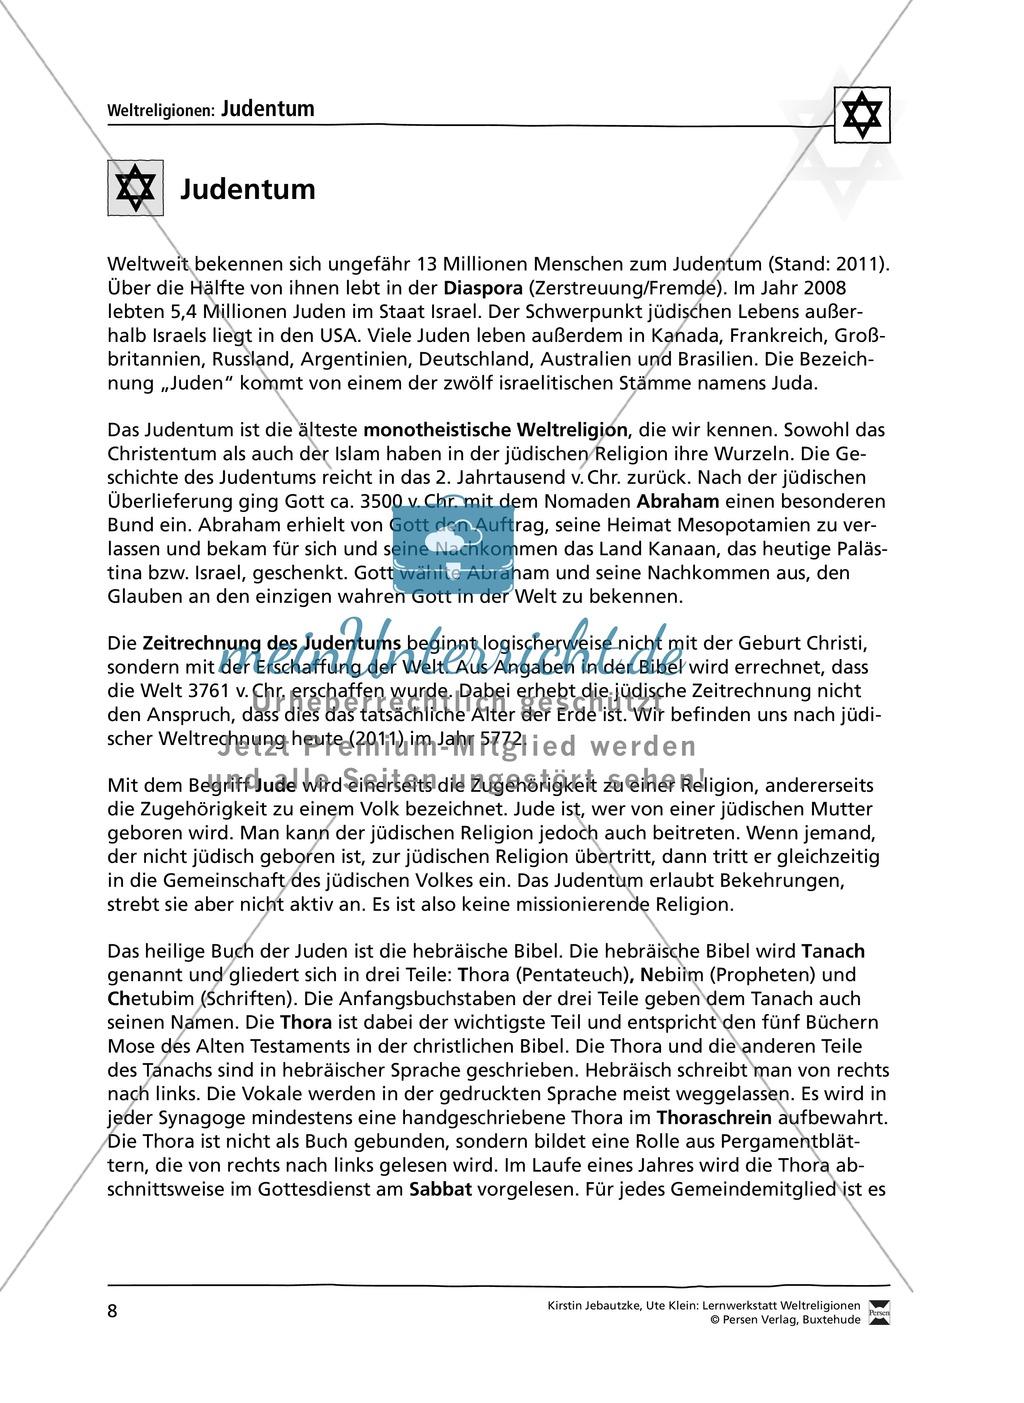 Unterrichtsmaterial zum Judentum - mit Infomaterial zu Gottheit, Schrift, Synagogen, Feiertagen uvm. Preview 0